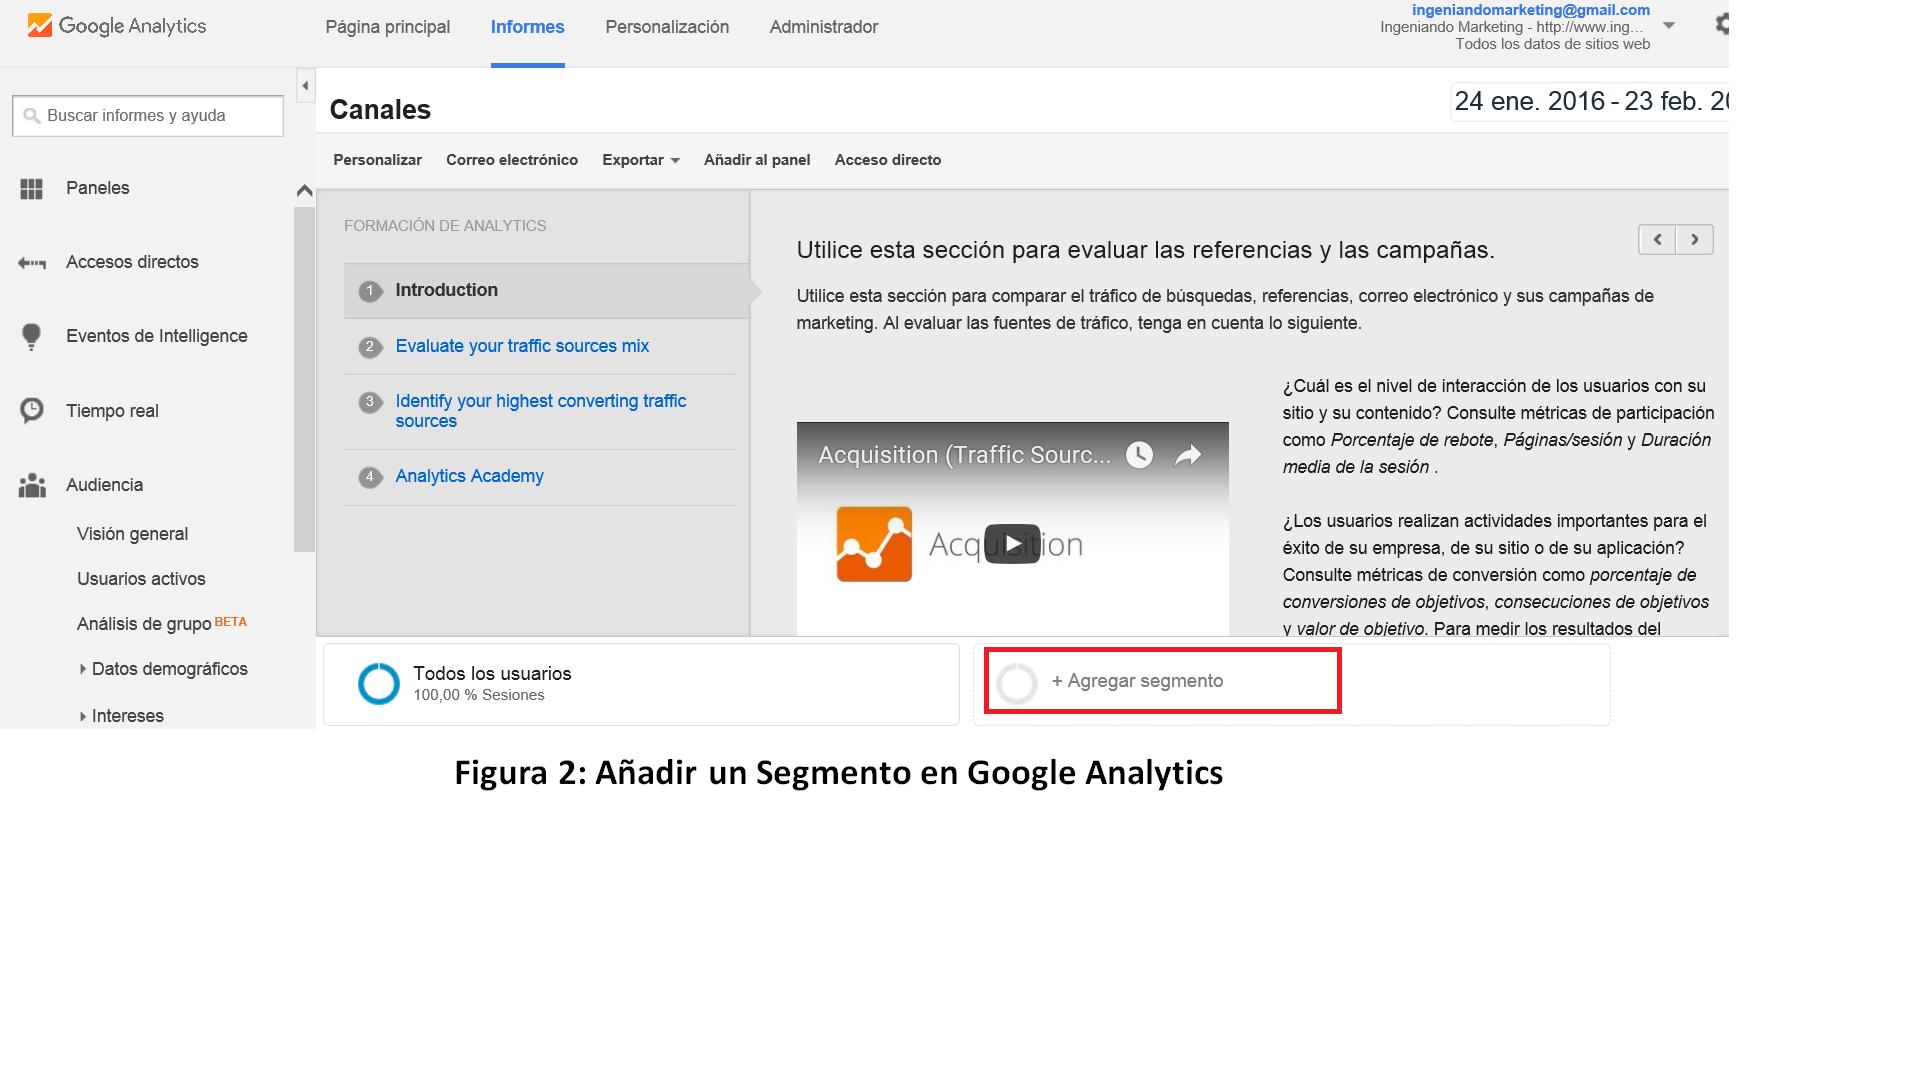 Segmento para controlar el Spam en Google Analytics